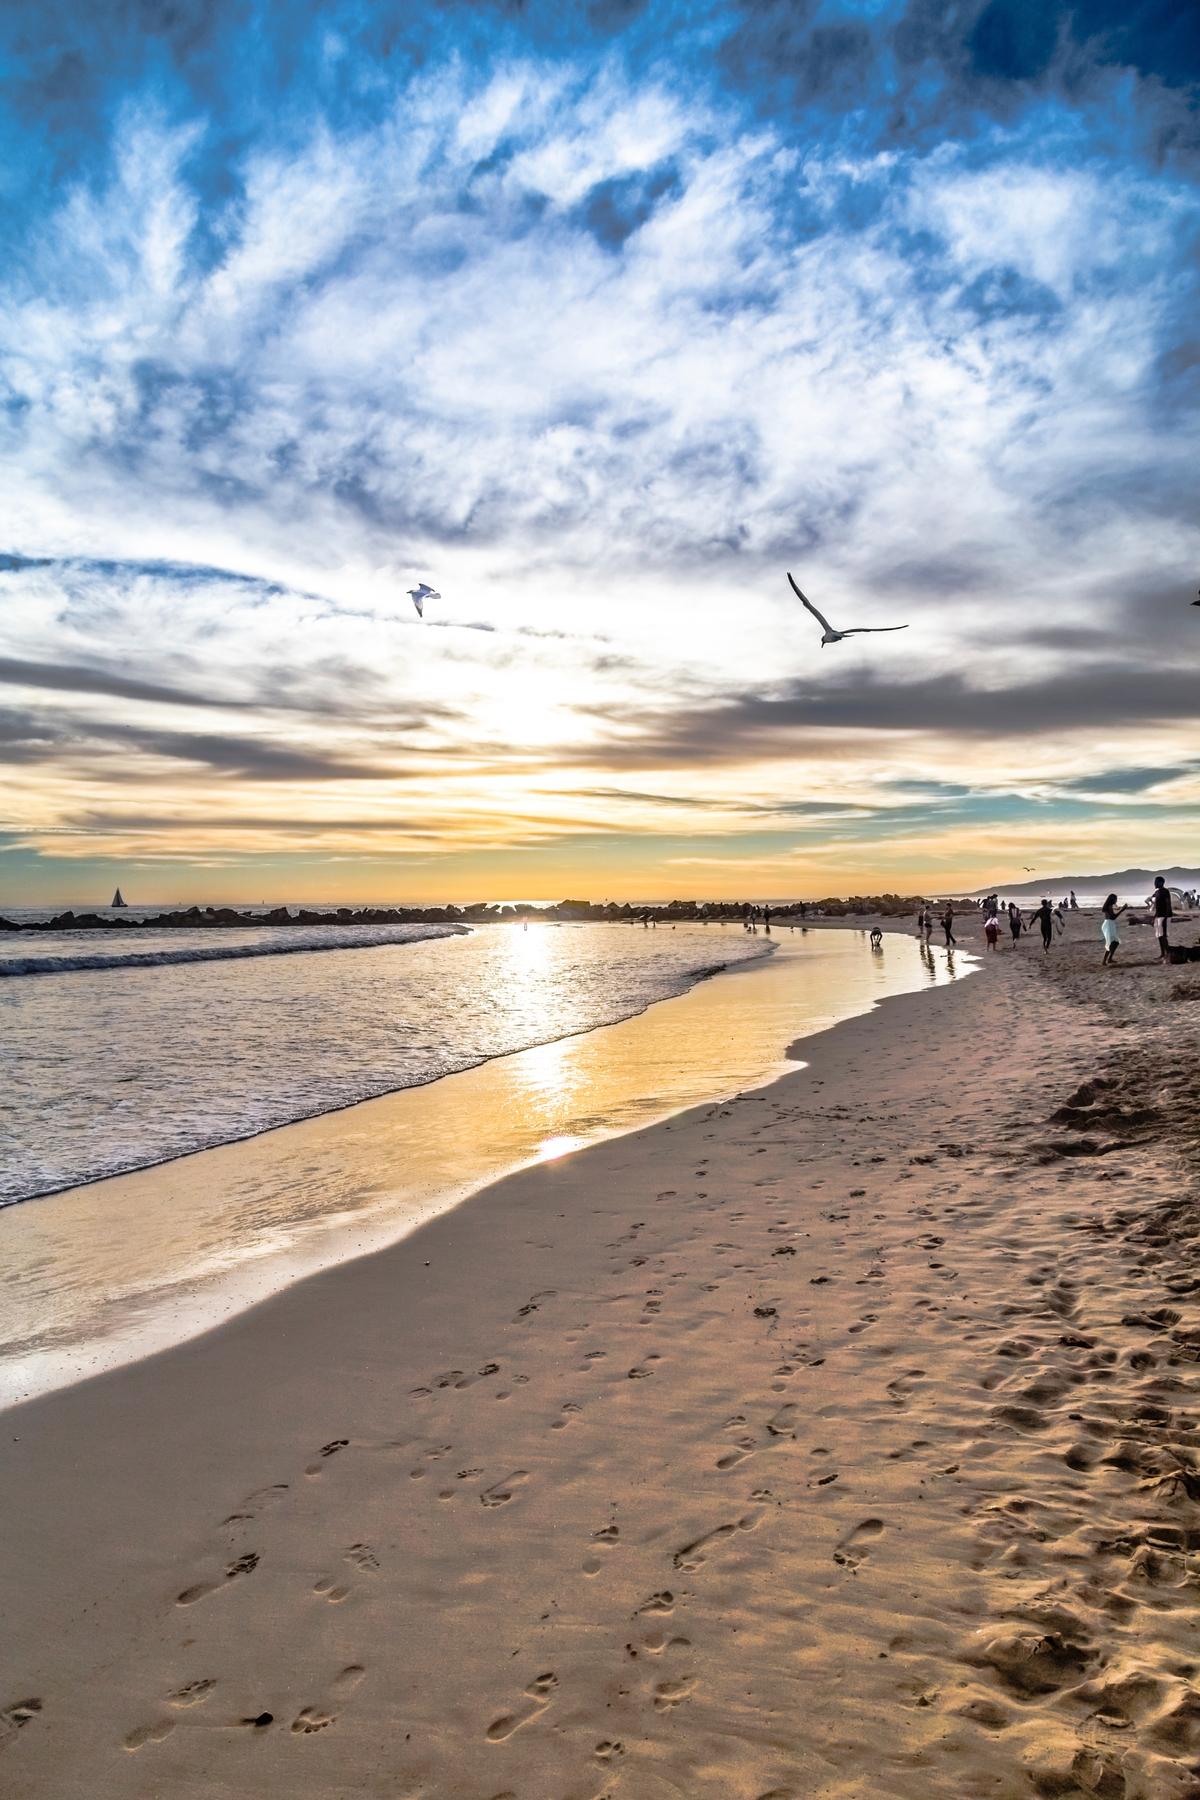 Hidden gems of California: sunset at the beach